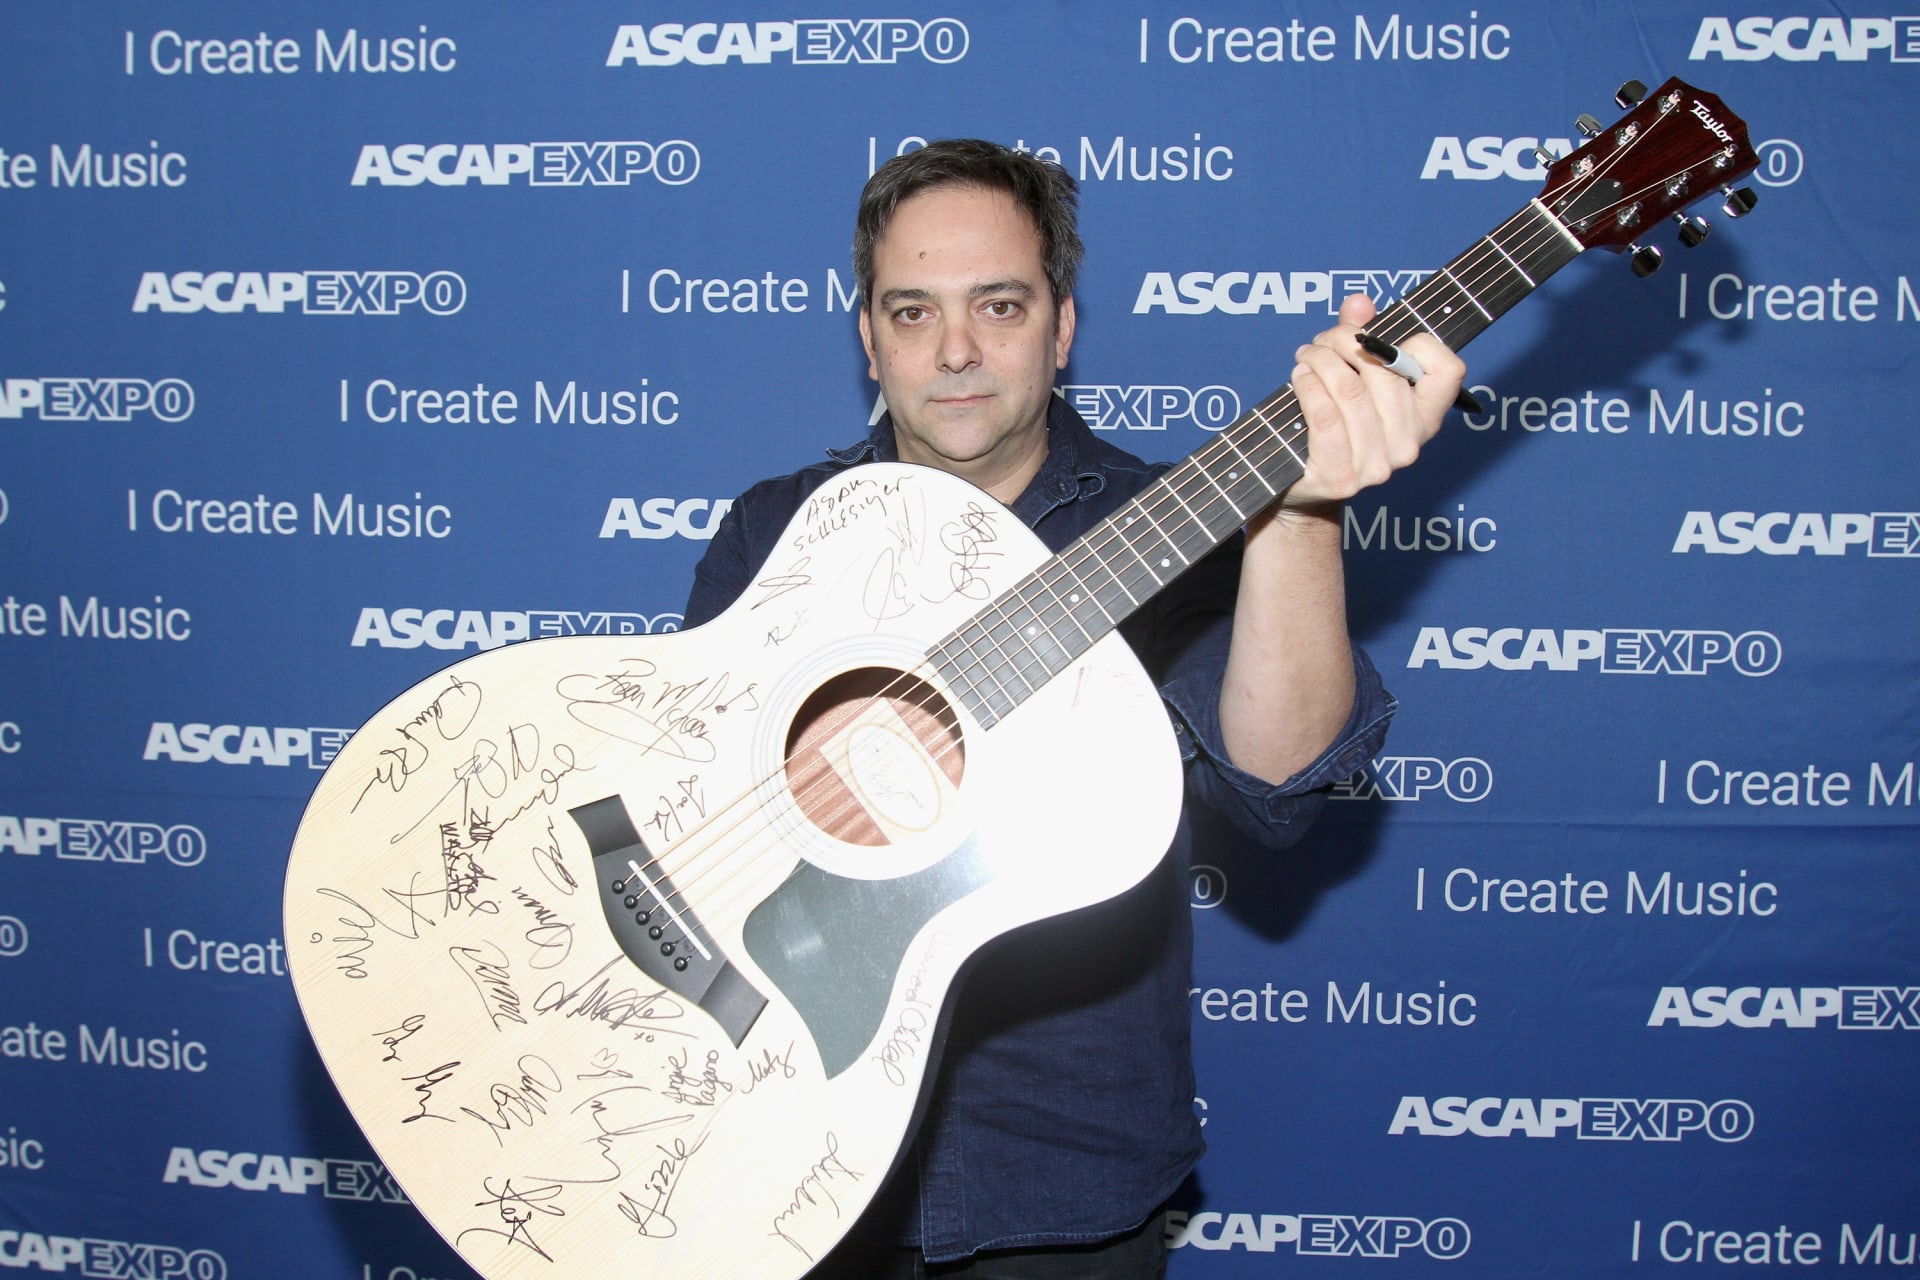 وفاة الموسيقي آدم شليزنغر متأثرًا بمضاعفات فيروس كورونا